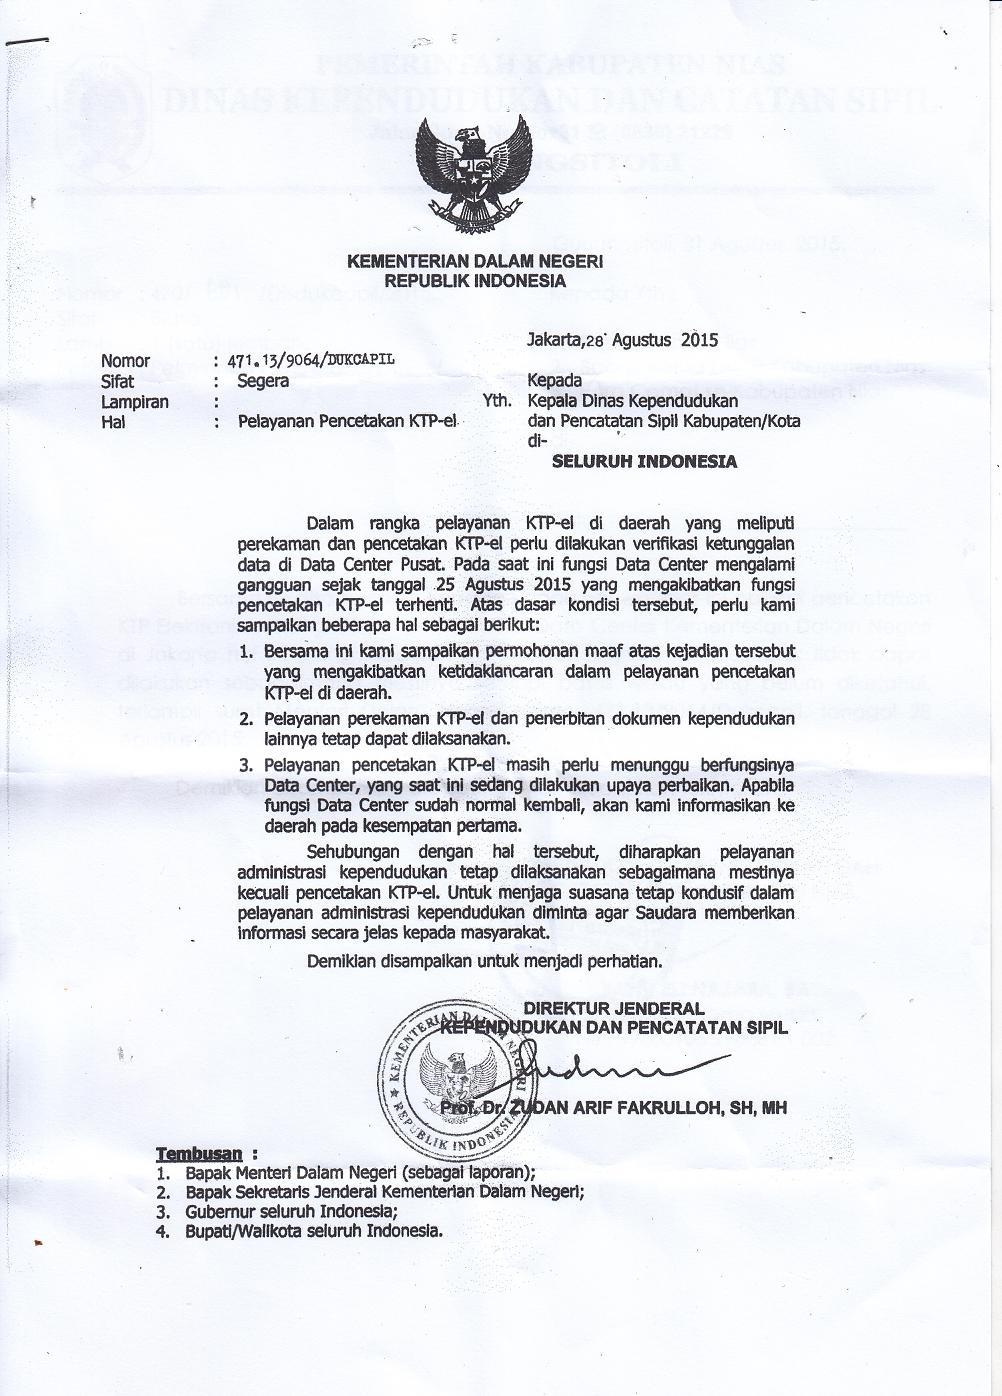 Surat edaran Dirjen Kependudukan dan Pencatatan Sipil.